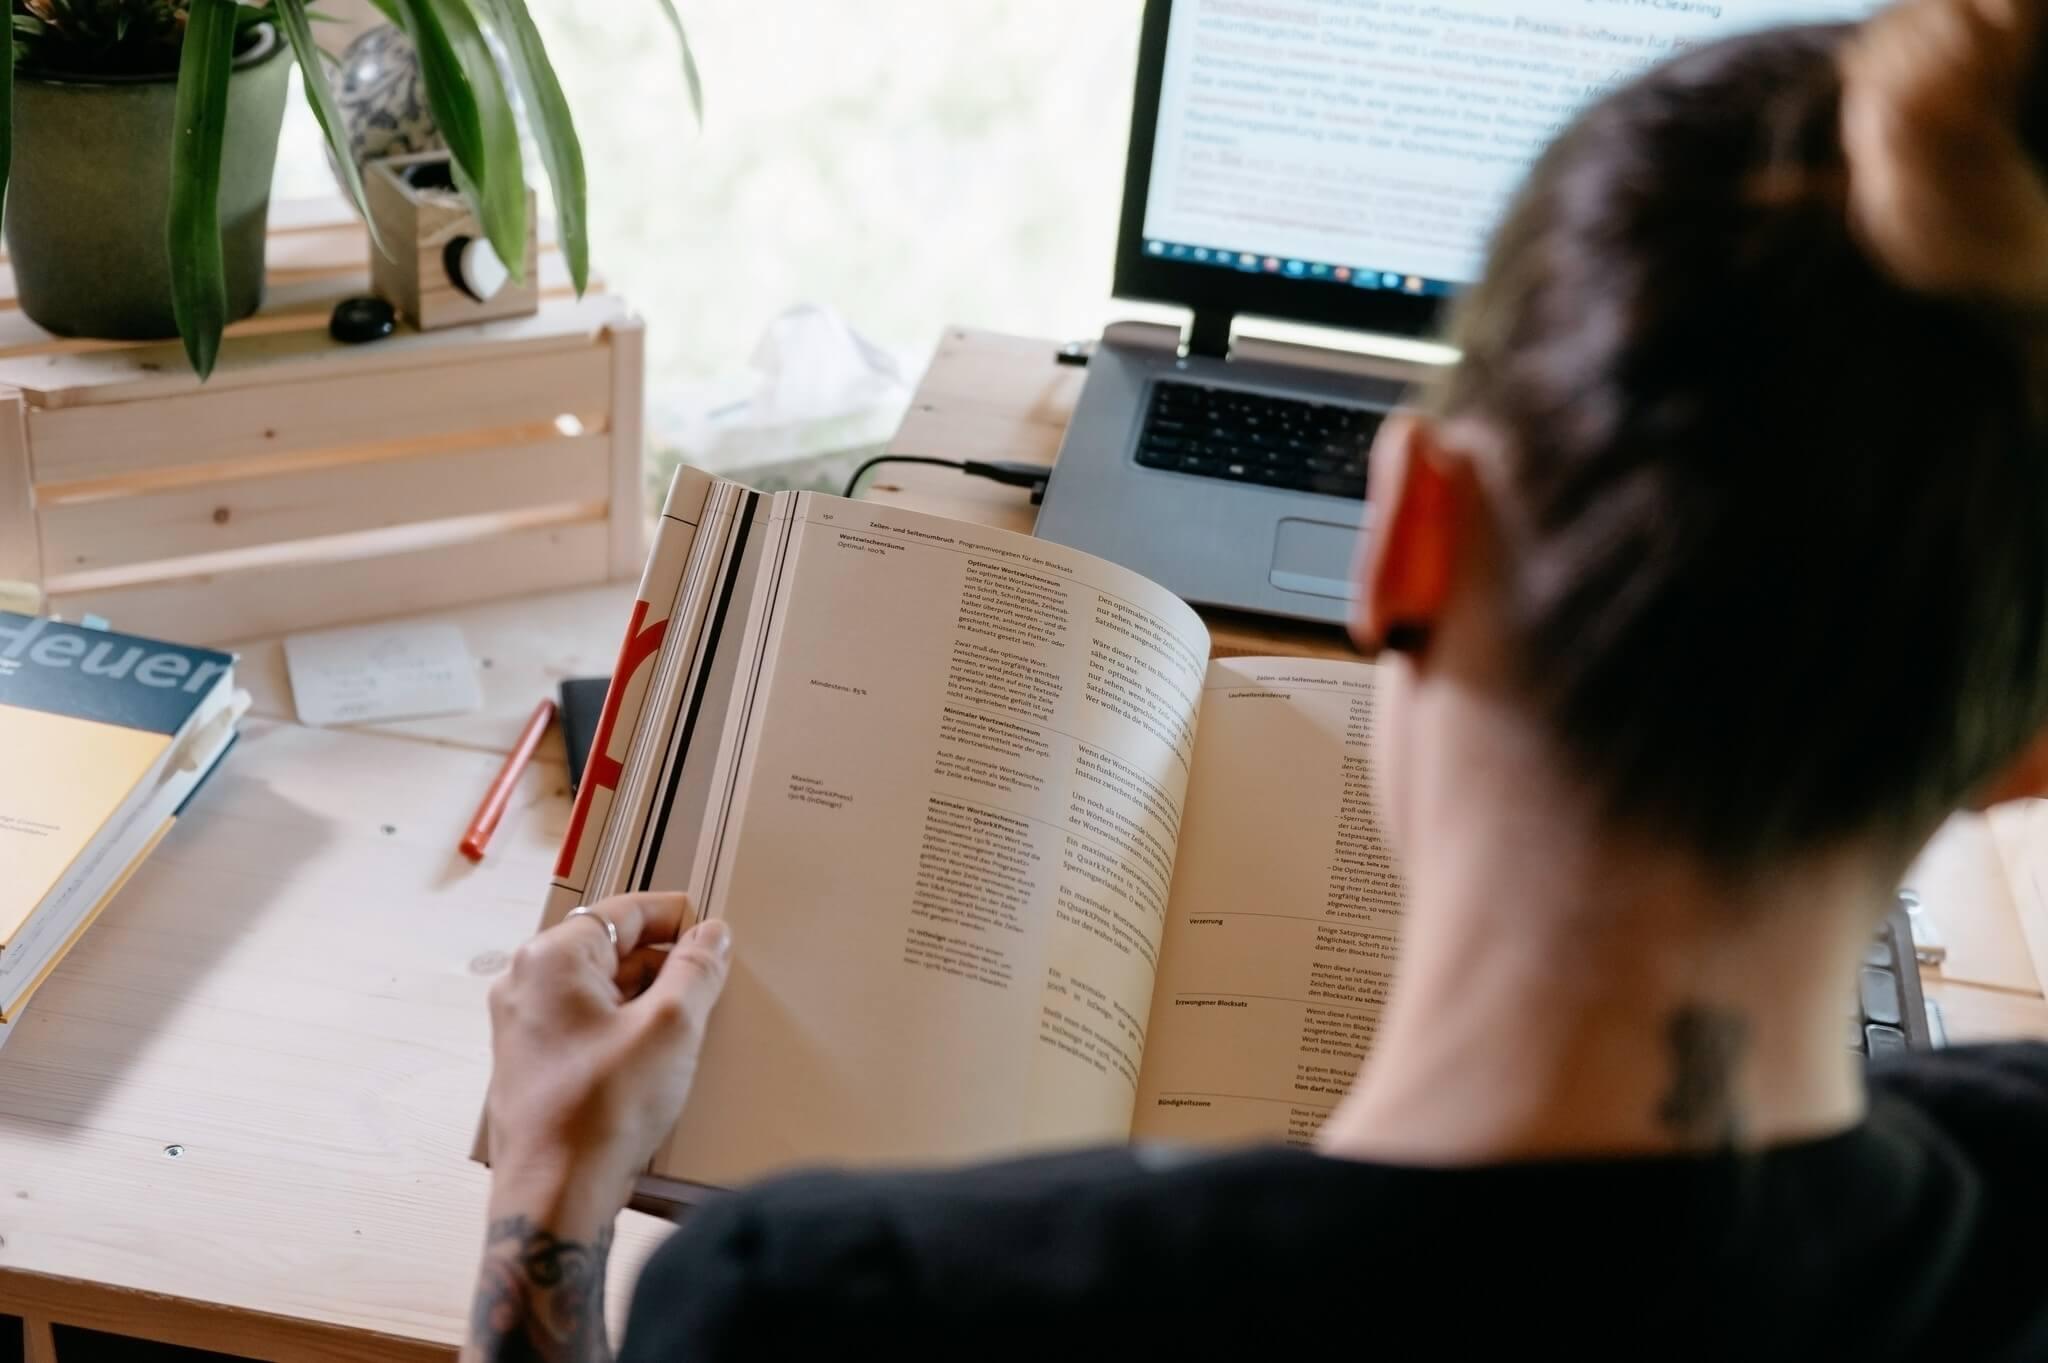 Textkorrektur_Manus dextra Alexandra Bucher Professionelle Textkorrektur Text korrigieren lassen Korrekturlesen Schreibservice Schreibdienst